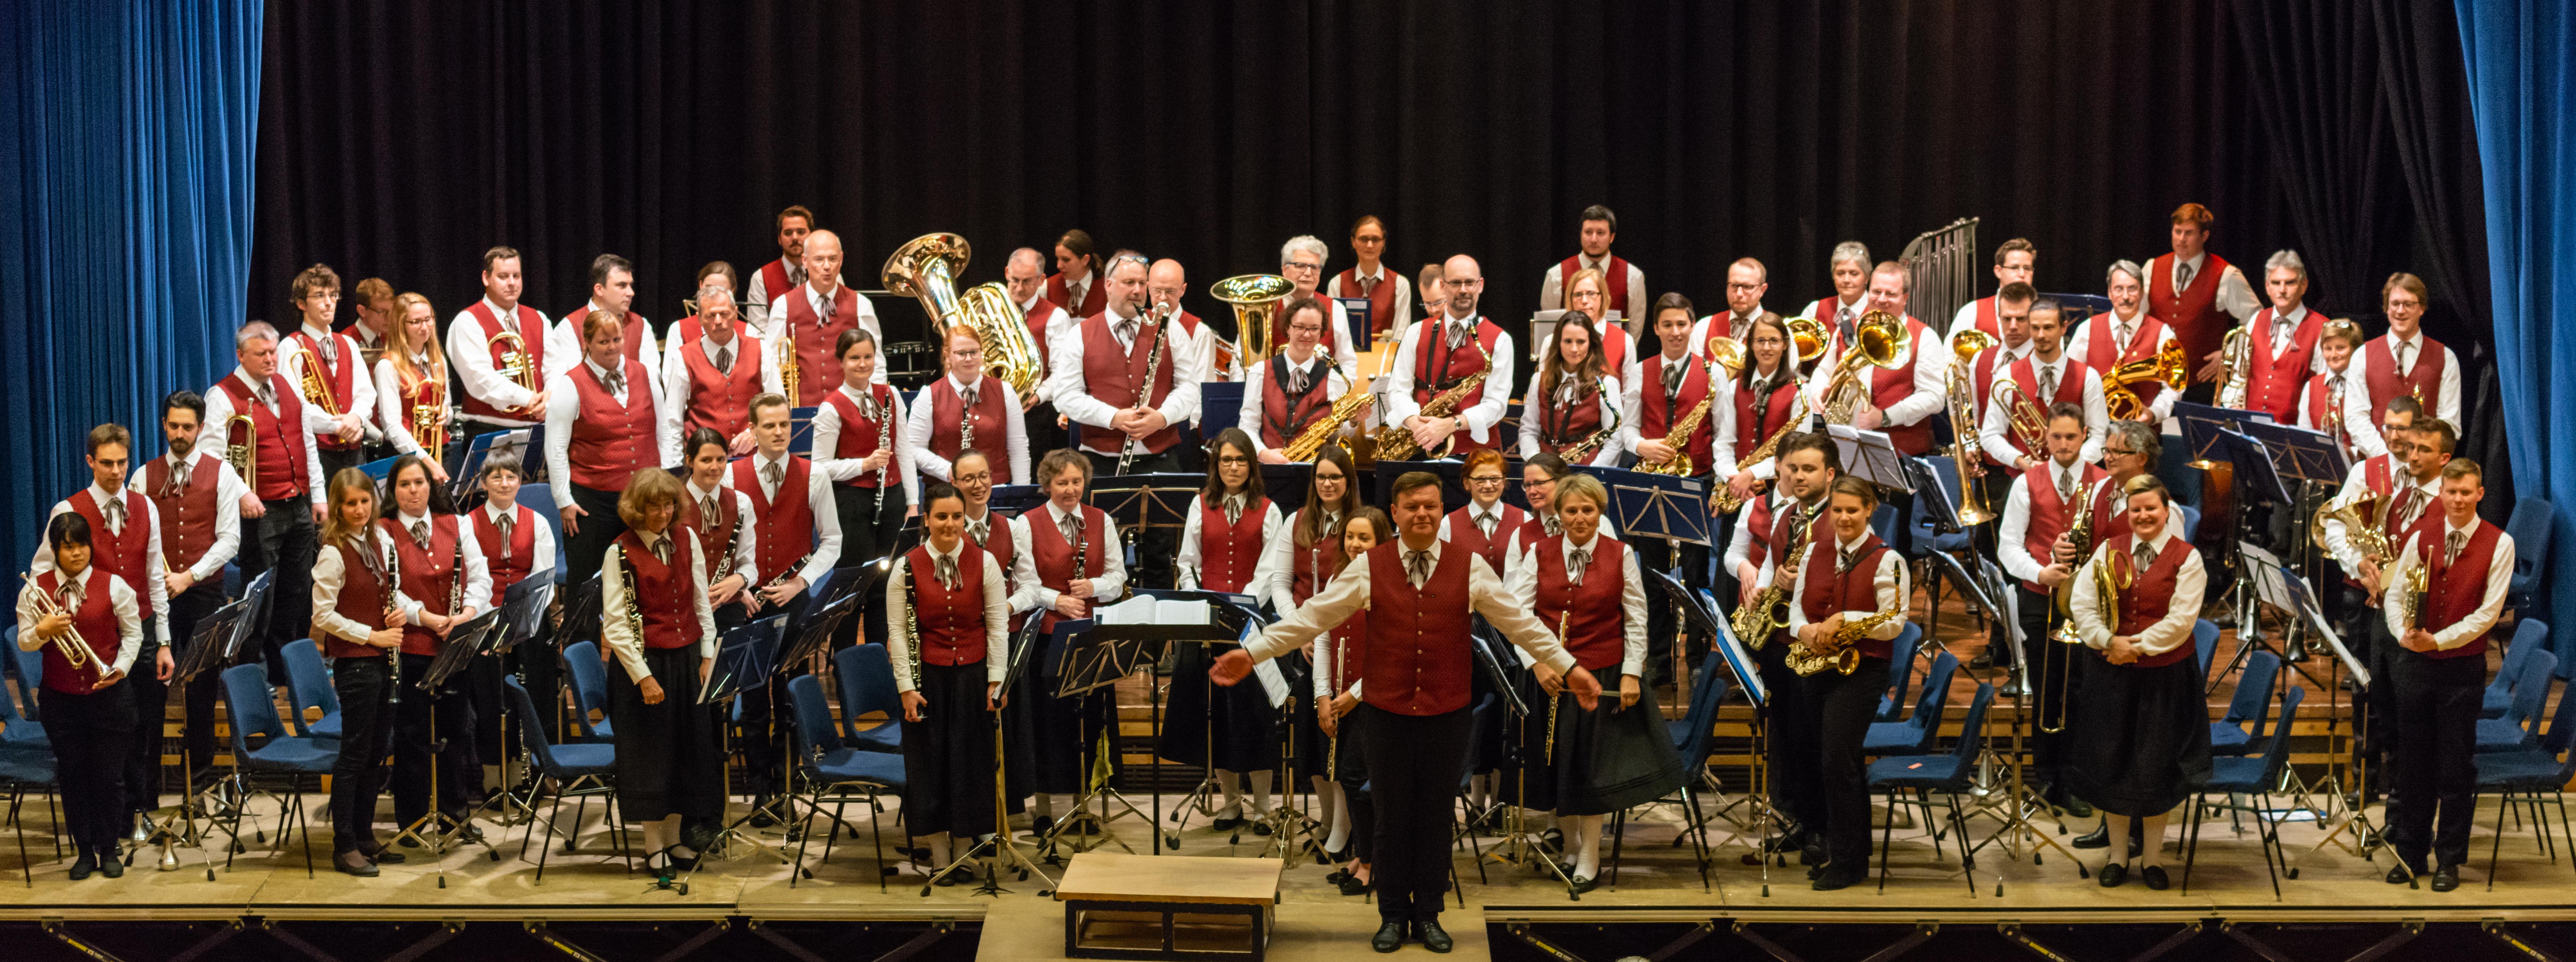 Punschstand des Musikvereins Rudolfsheim-Fünfhaus